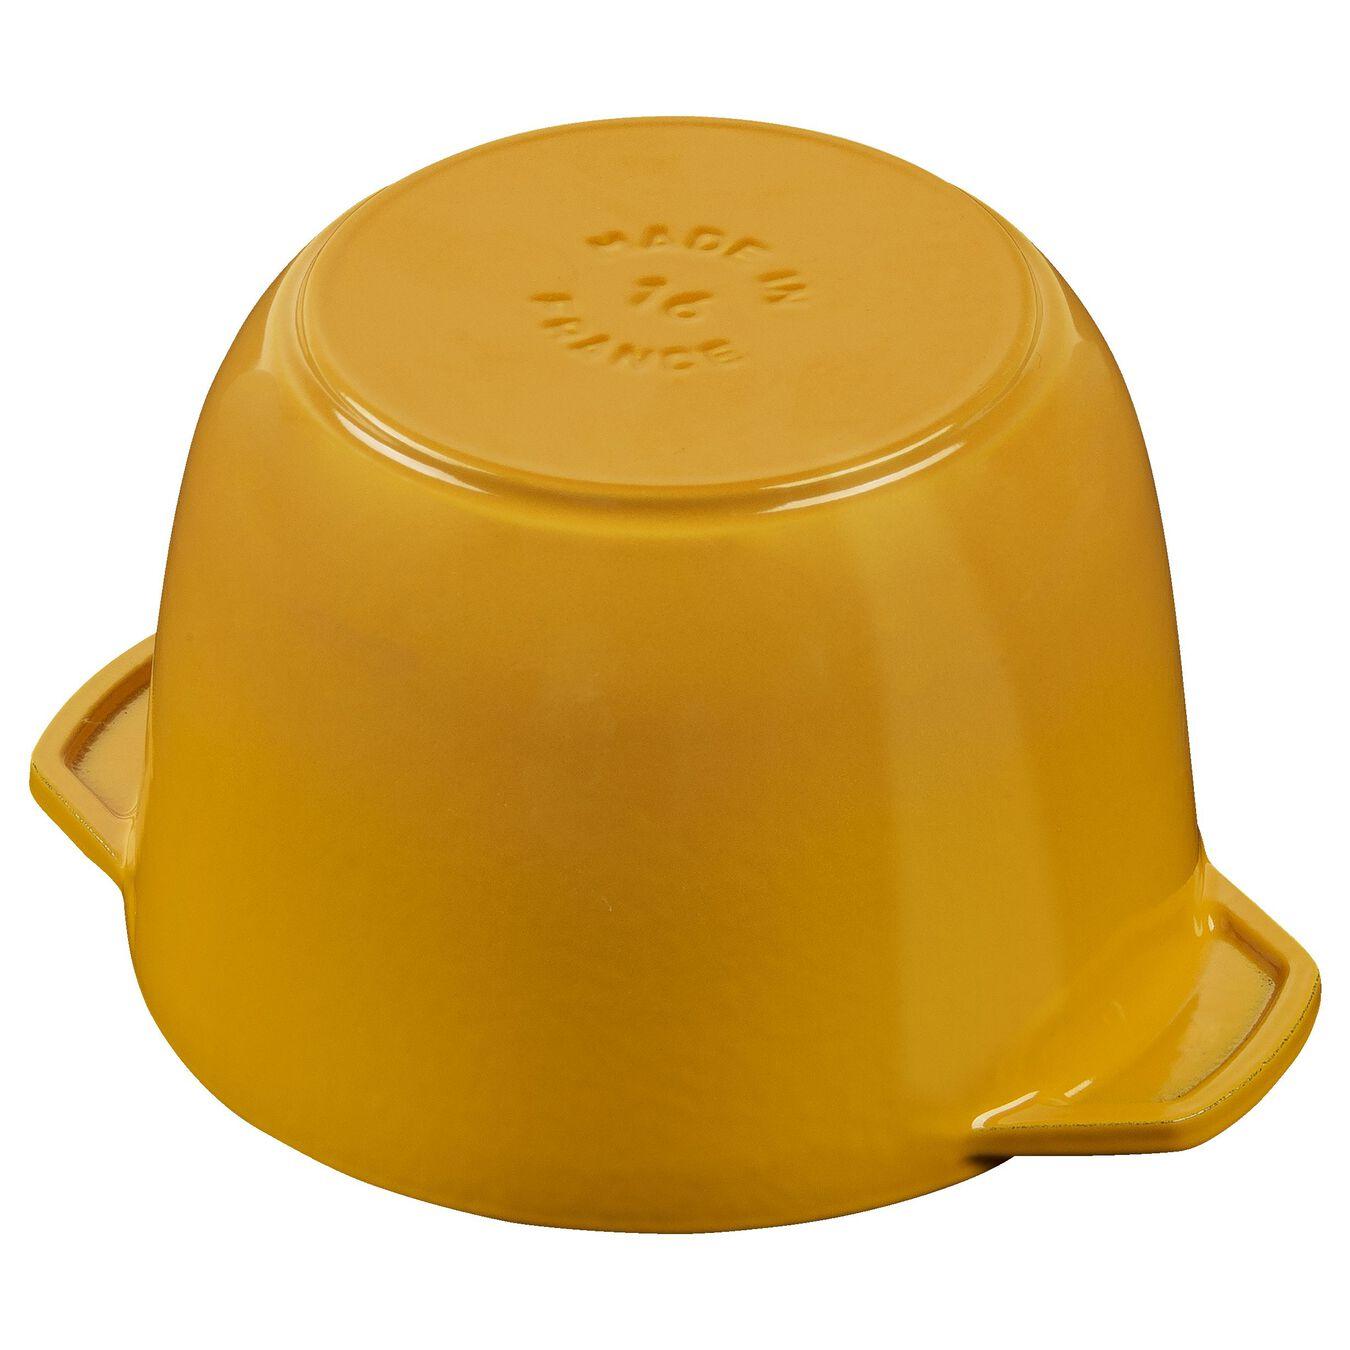 1.5-qt round Cast iron Rice Cocotte, Saffron,,large 4